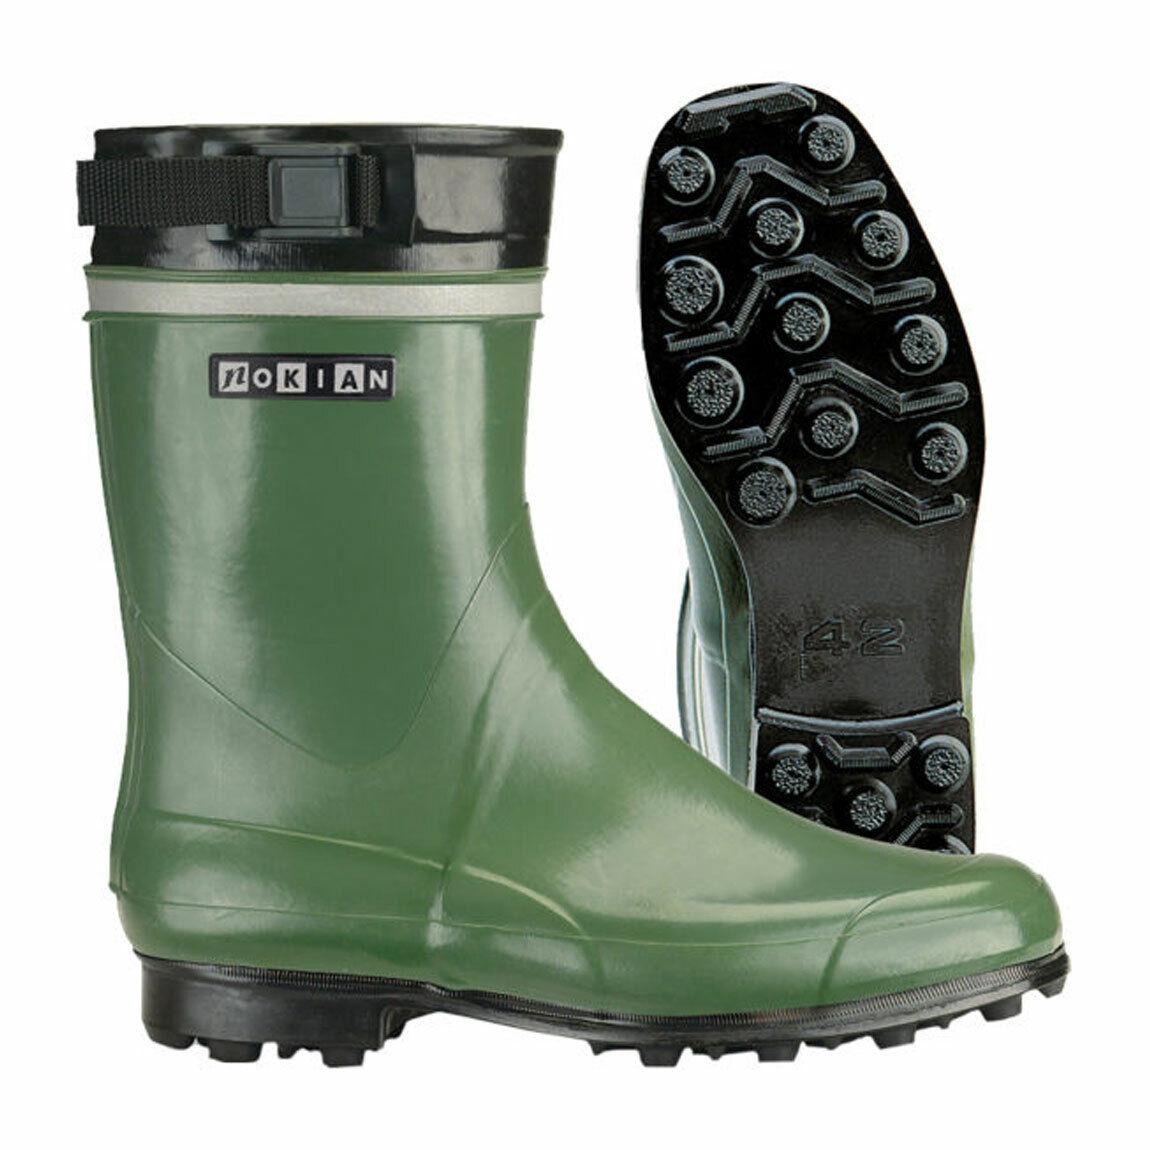 Nokian  Trimmi  Wellington Boots - Unisex Wellies  deals sale